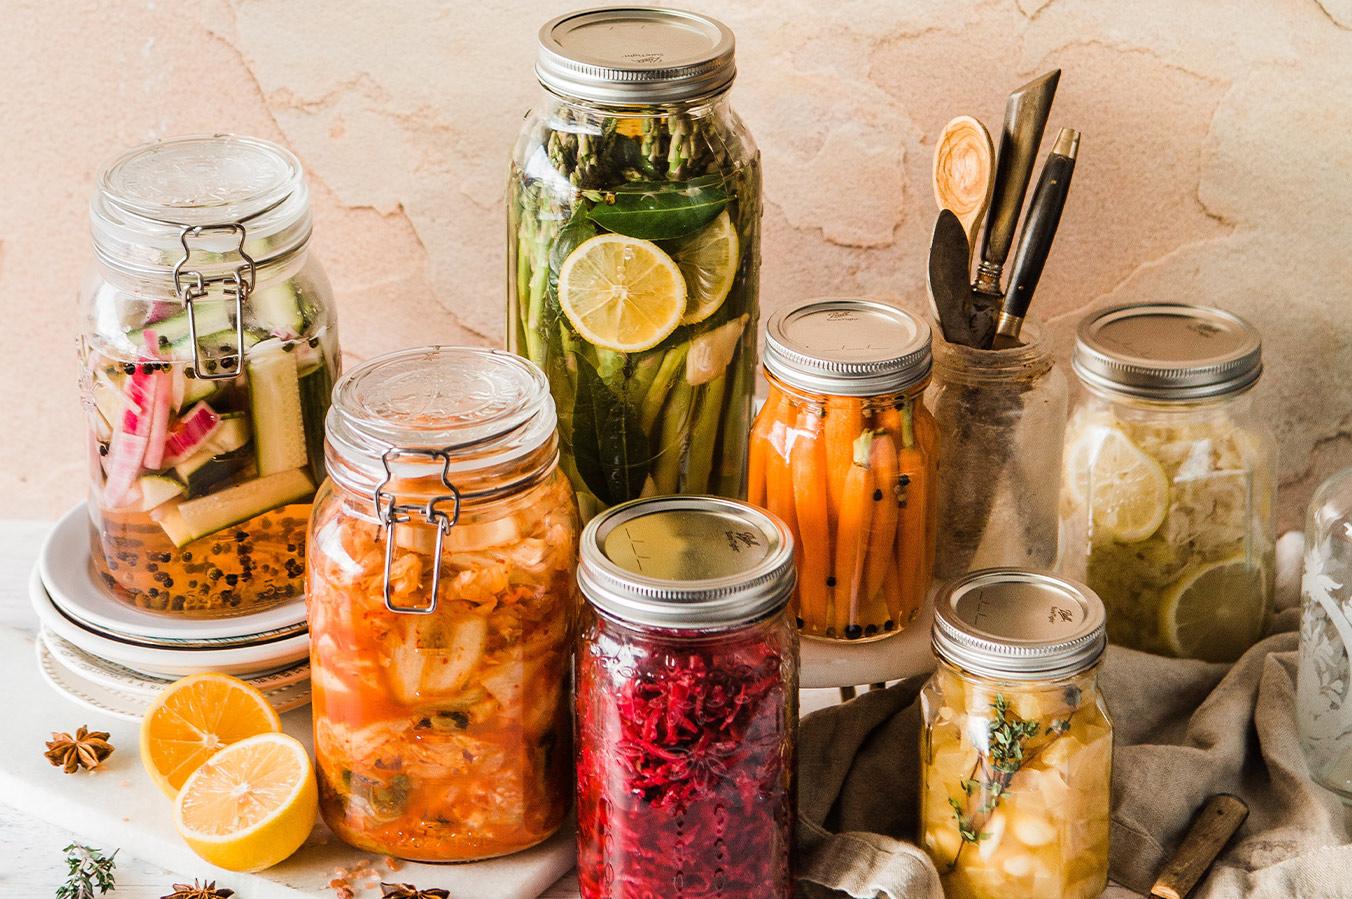 Co je to fermentování? Přečtěte si 5 tipů, jak zvládnou fermentování i doma